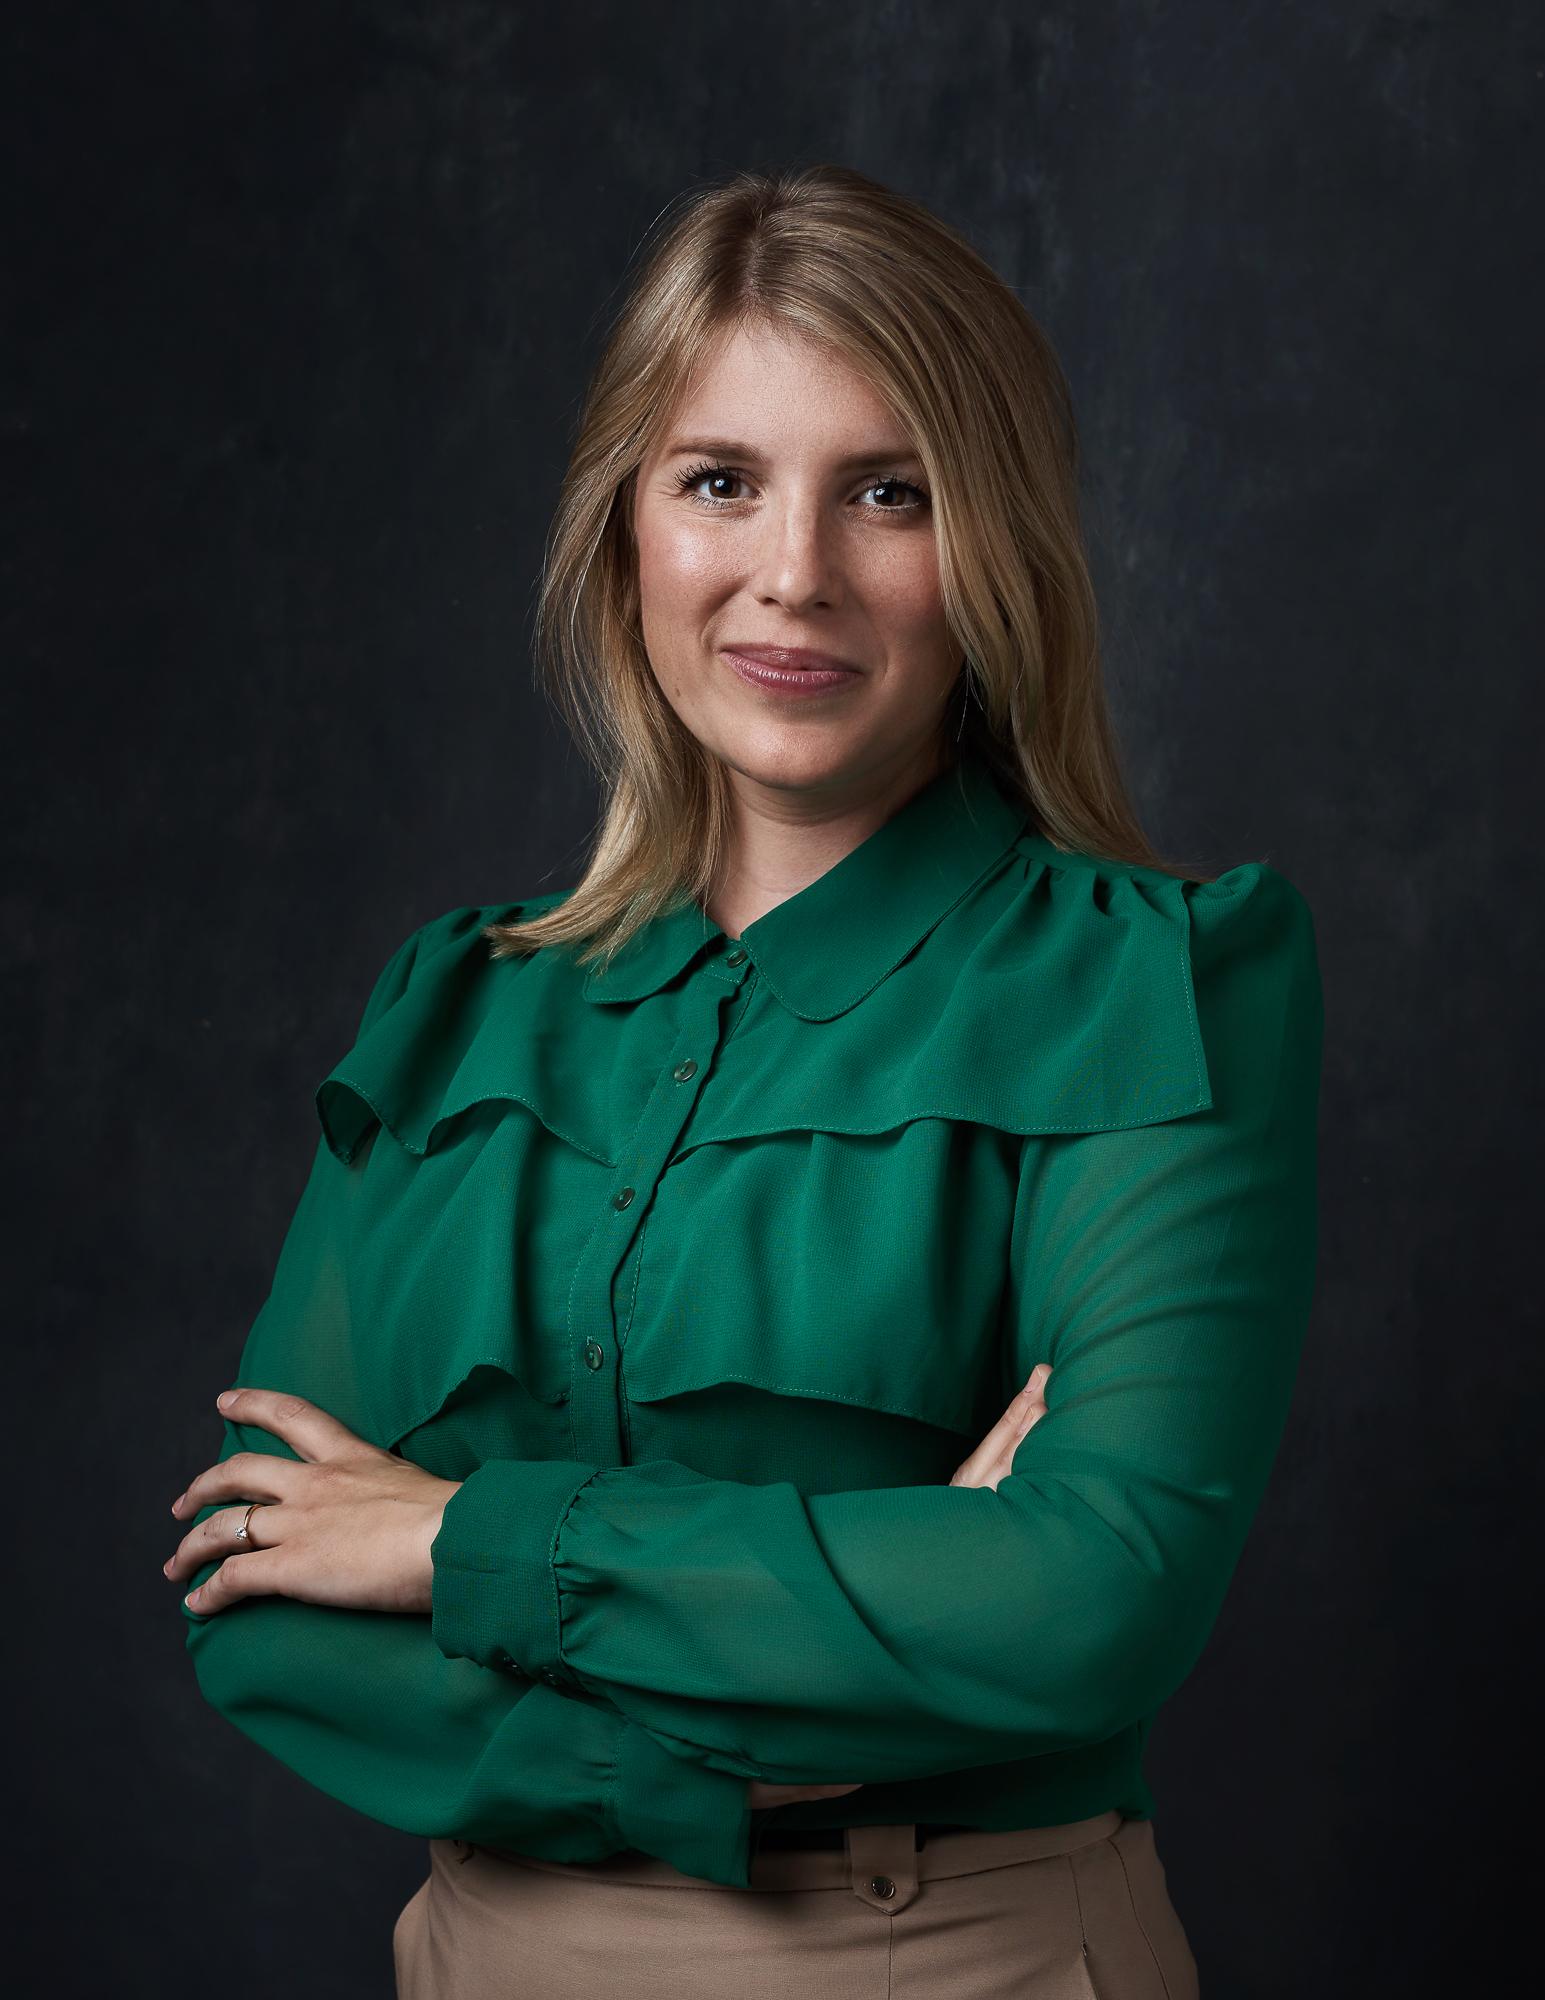 Sara Lidbaum